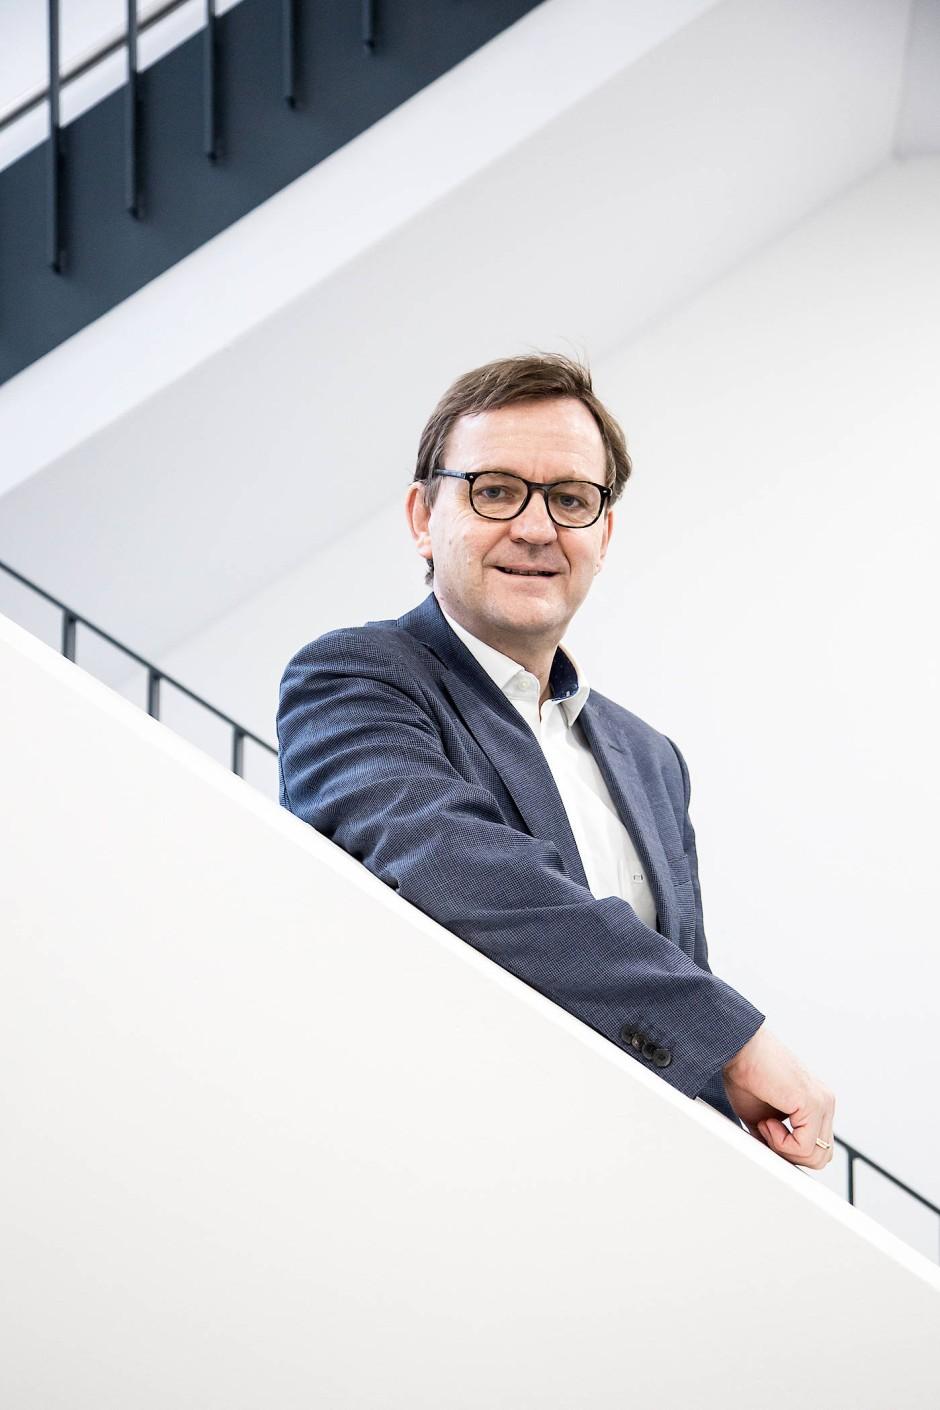 Univ.-Prof. Dr. Klaus Lieb ist Gründer und Wissenschaftlicher  Geschäftsführer des Leibniz-Instituts für Resilienzforschung.